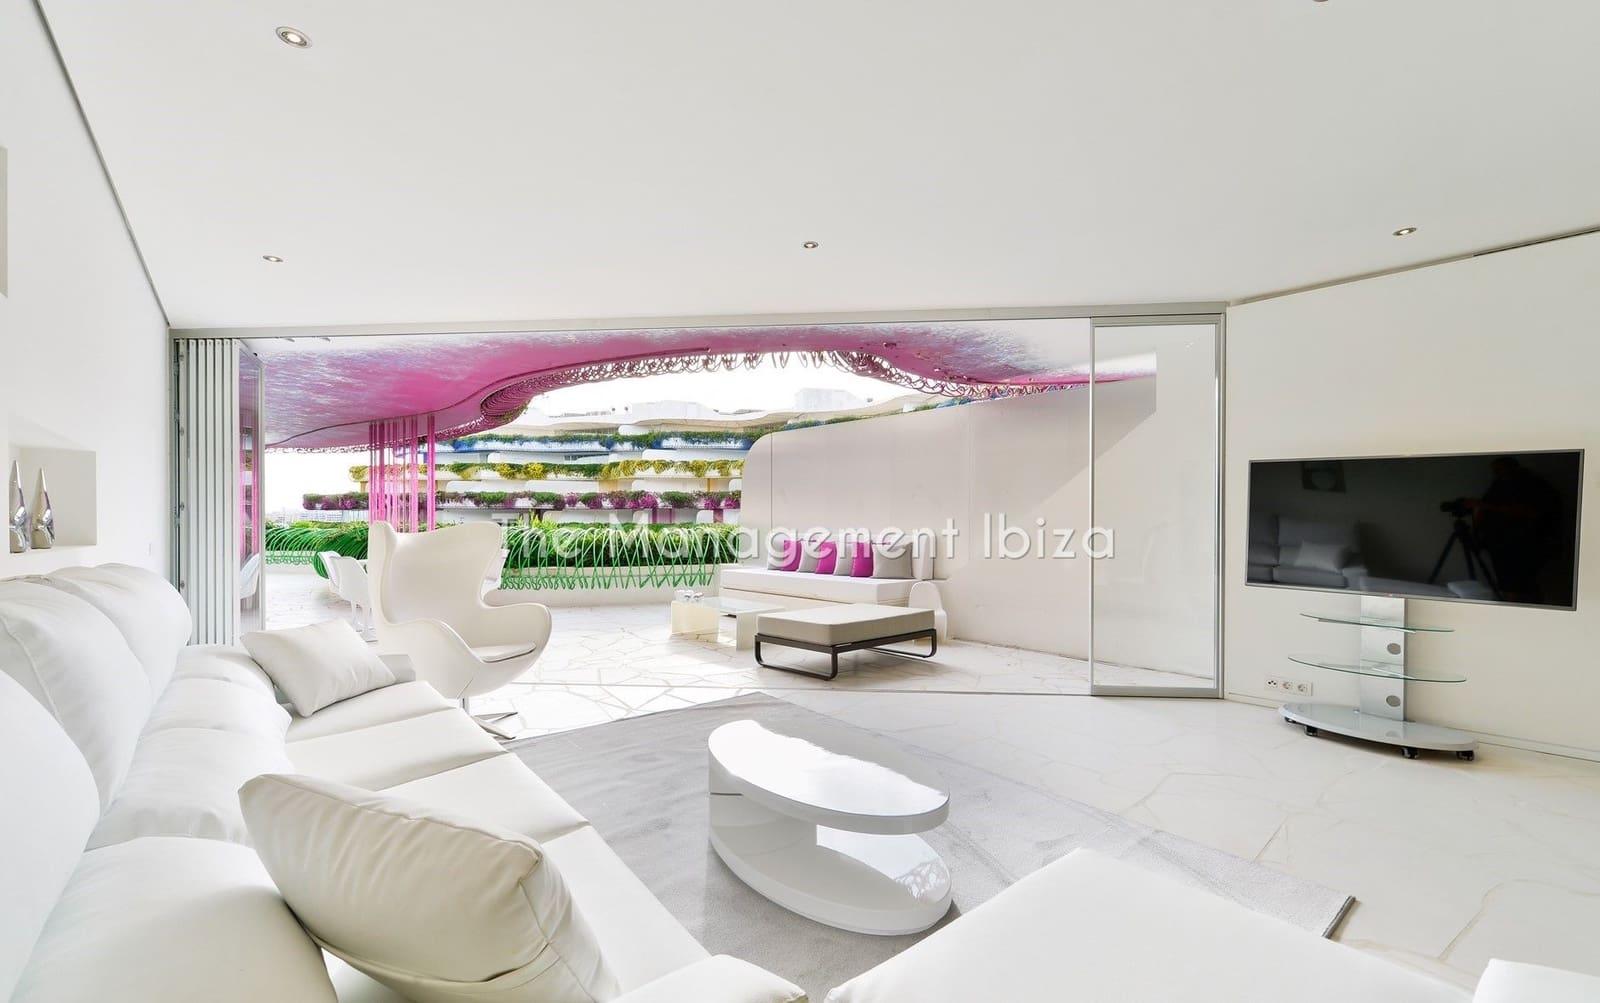 3 sovrum Lägenhet att hyra i Ibiza stad med pool garage - 4 000 € (Ref: 5190451)